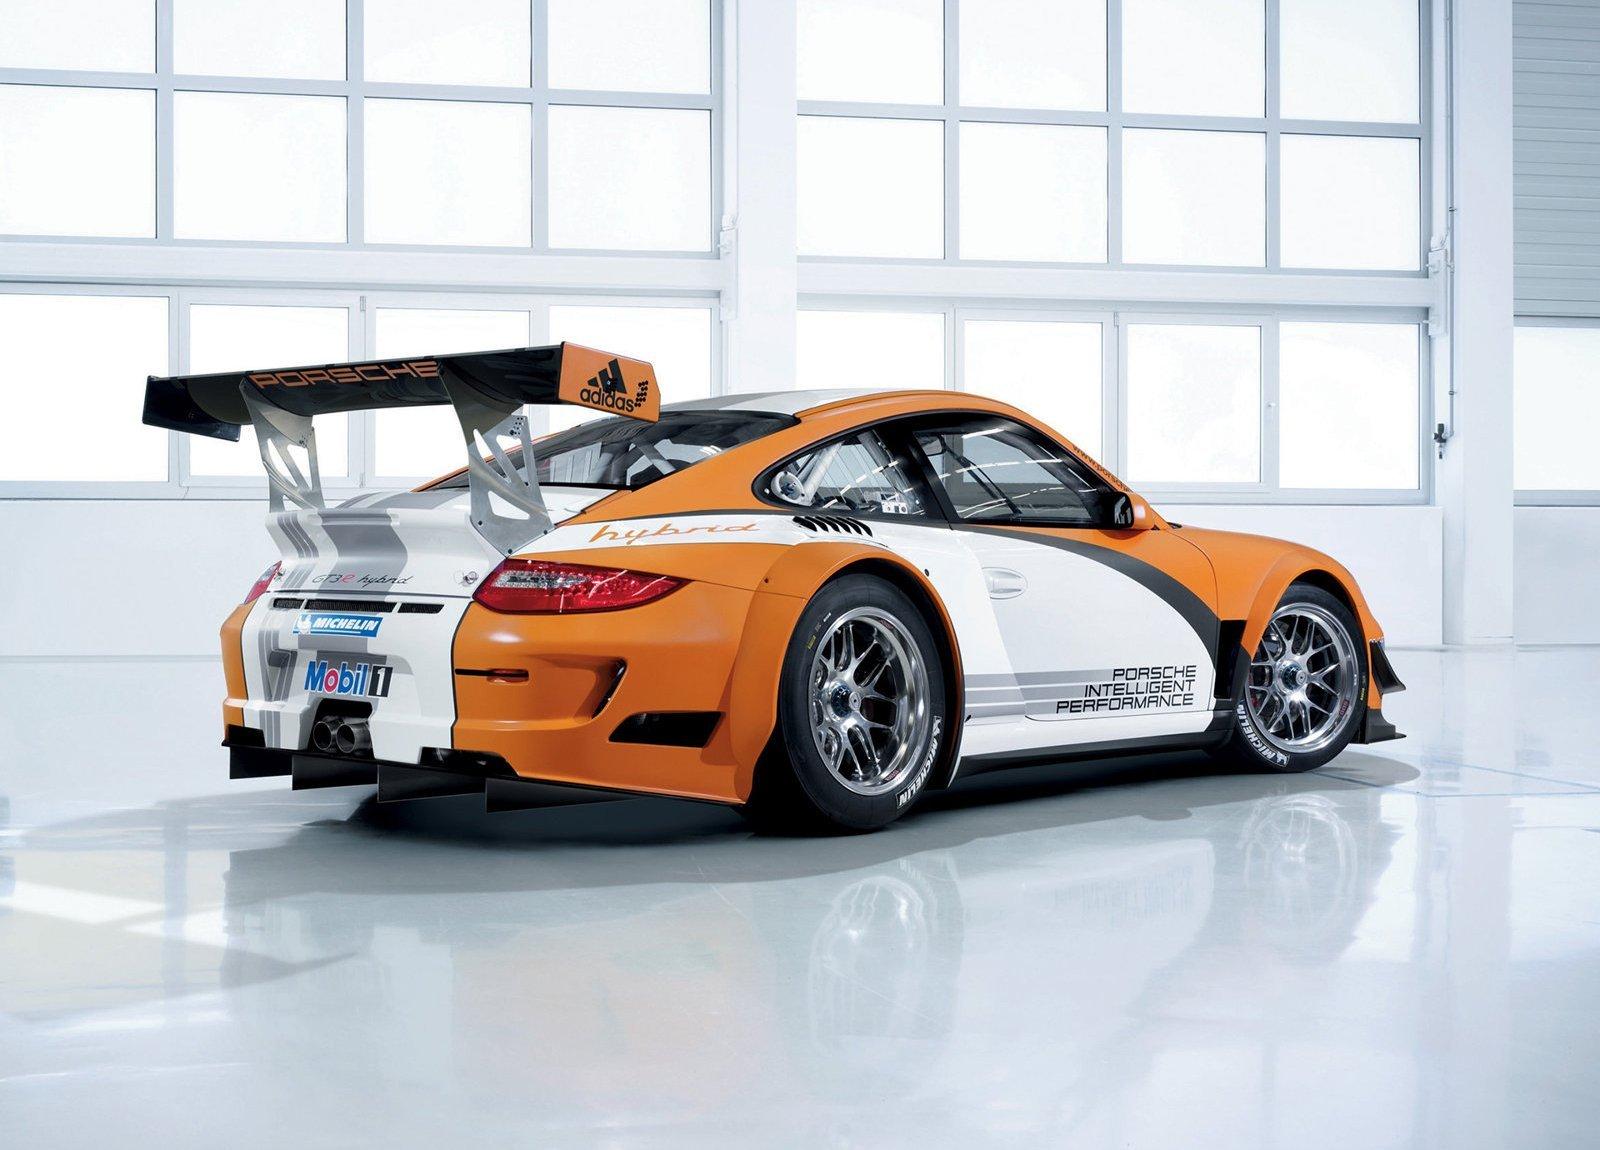 10917 скачать обои Транспорт, Машины, Порш (Porsche) - заставки и картинки бесплатно